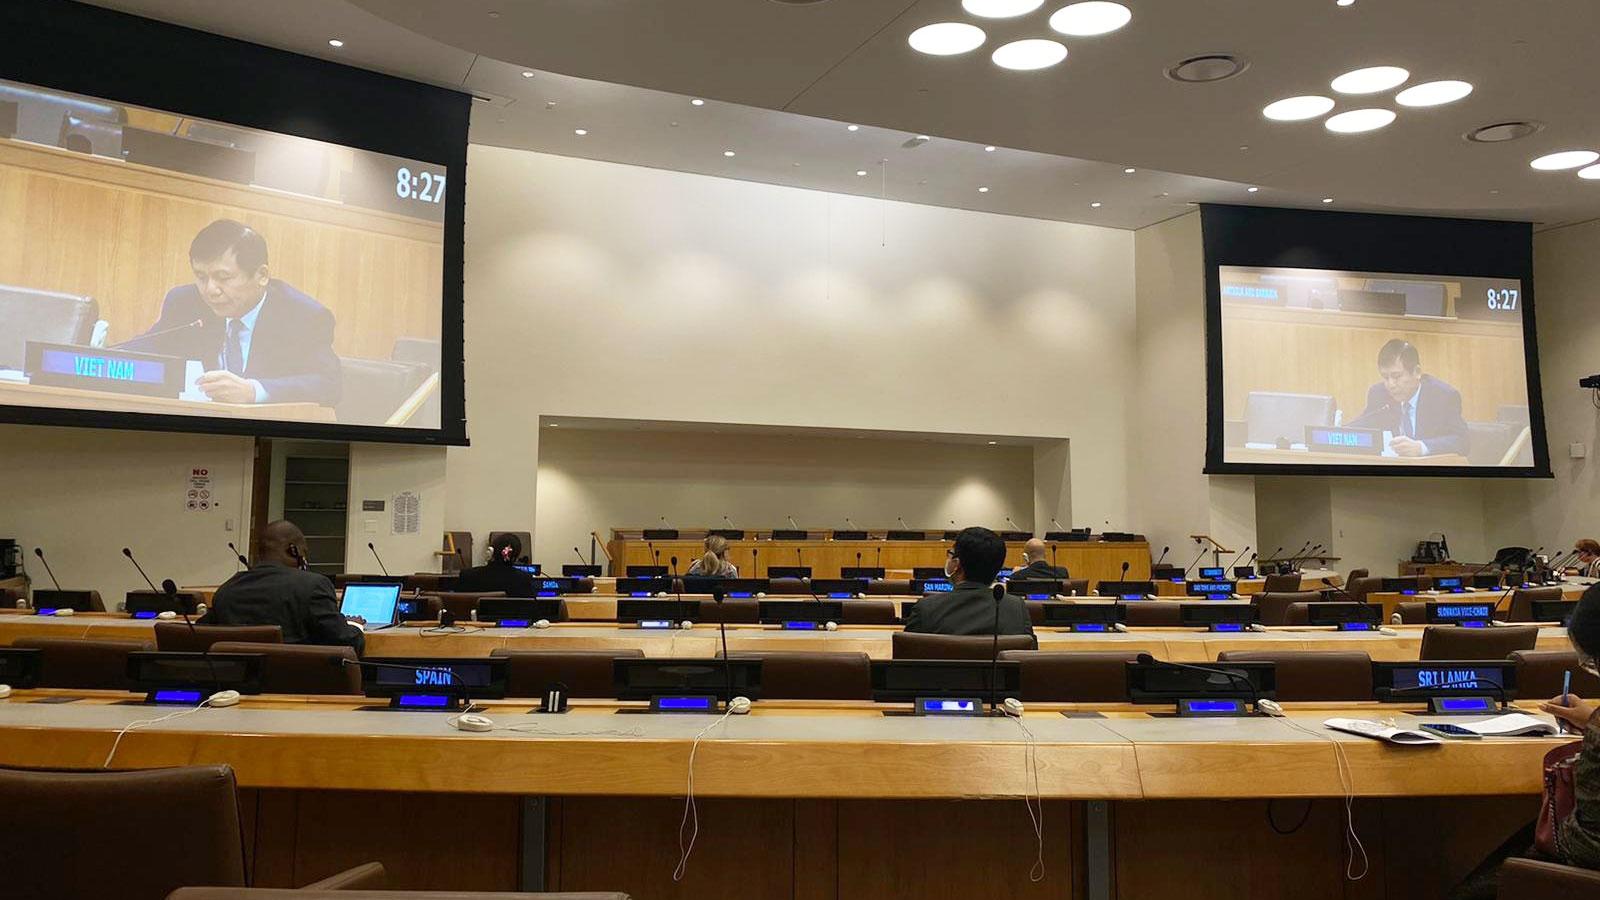 Việt Nam đại diện các nước ASEAN phát biểu vềứng phó Covid-19